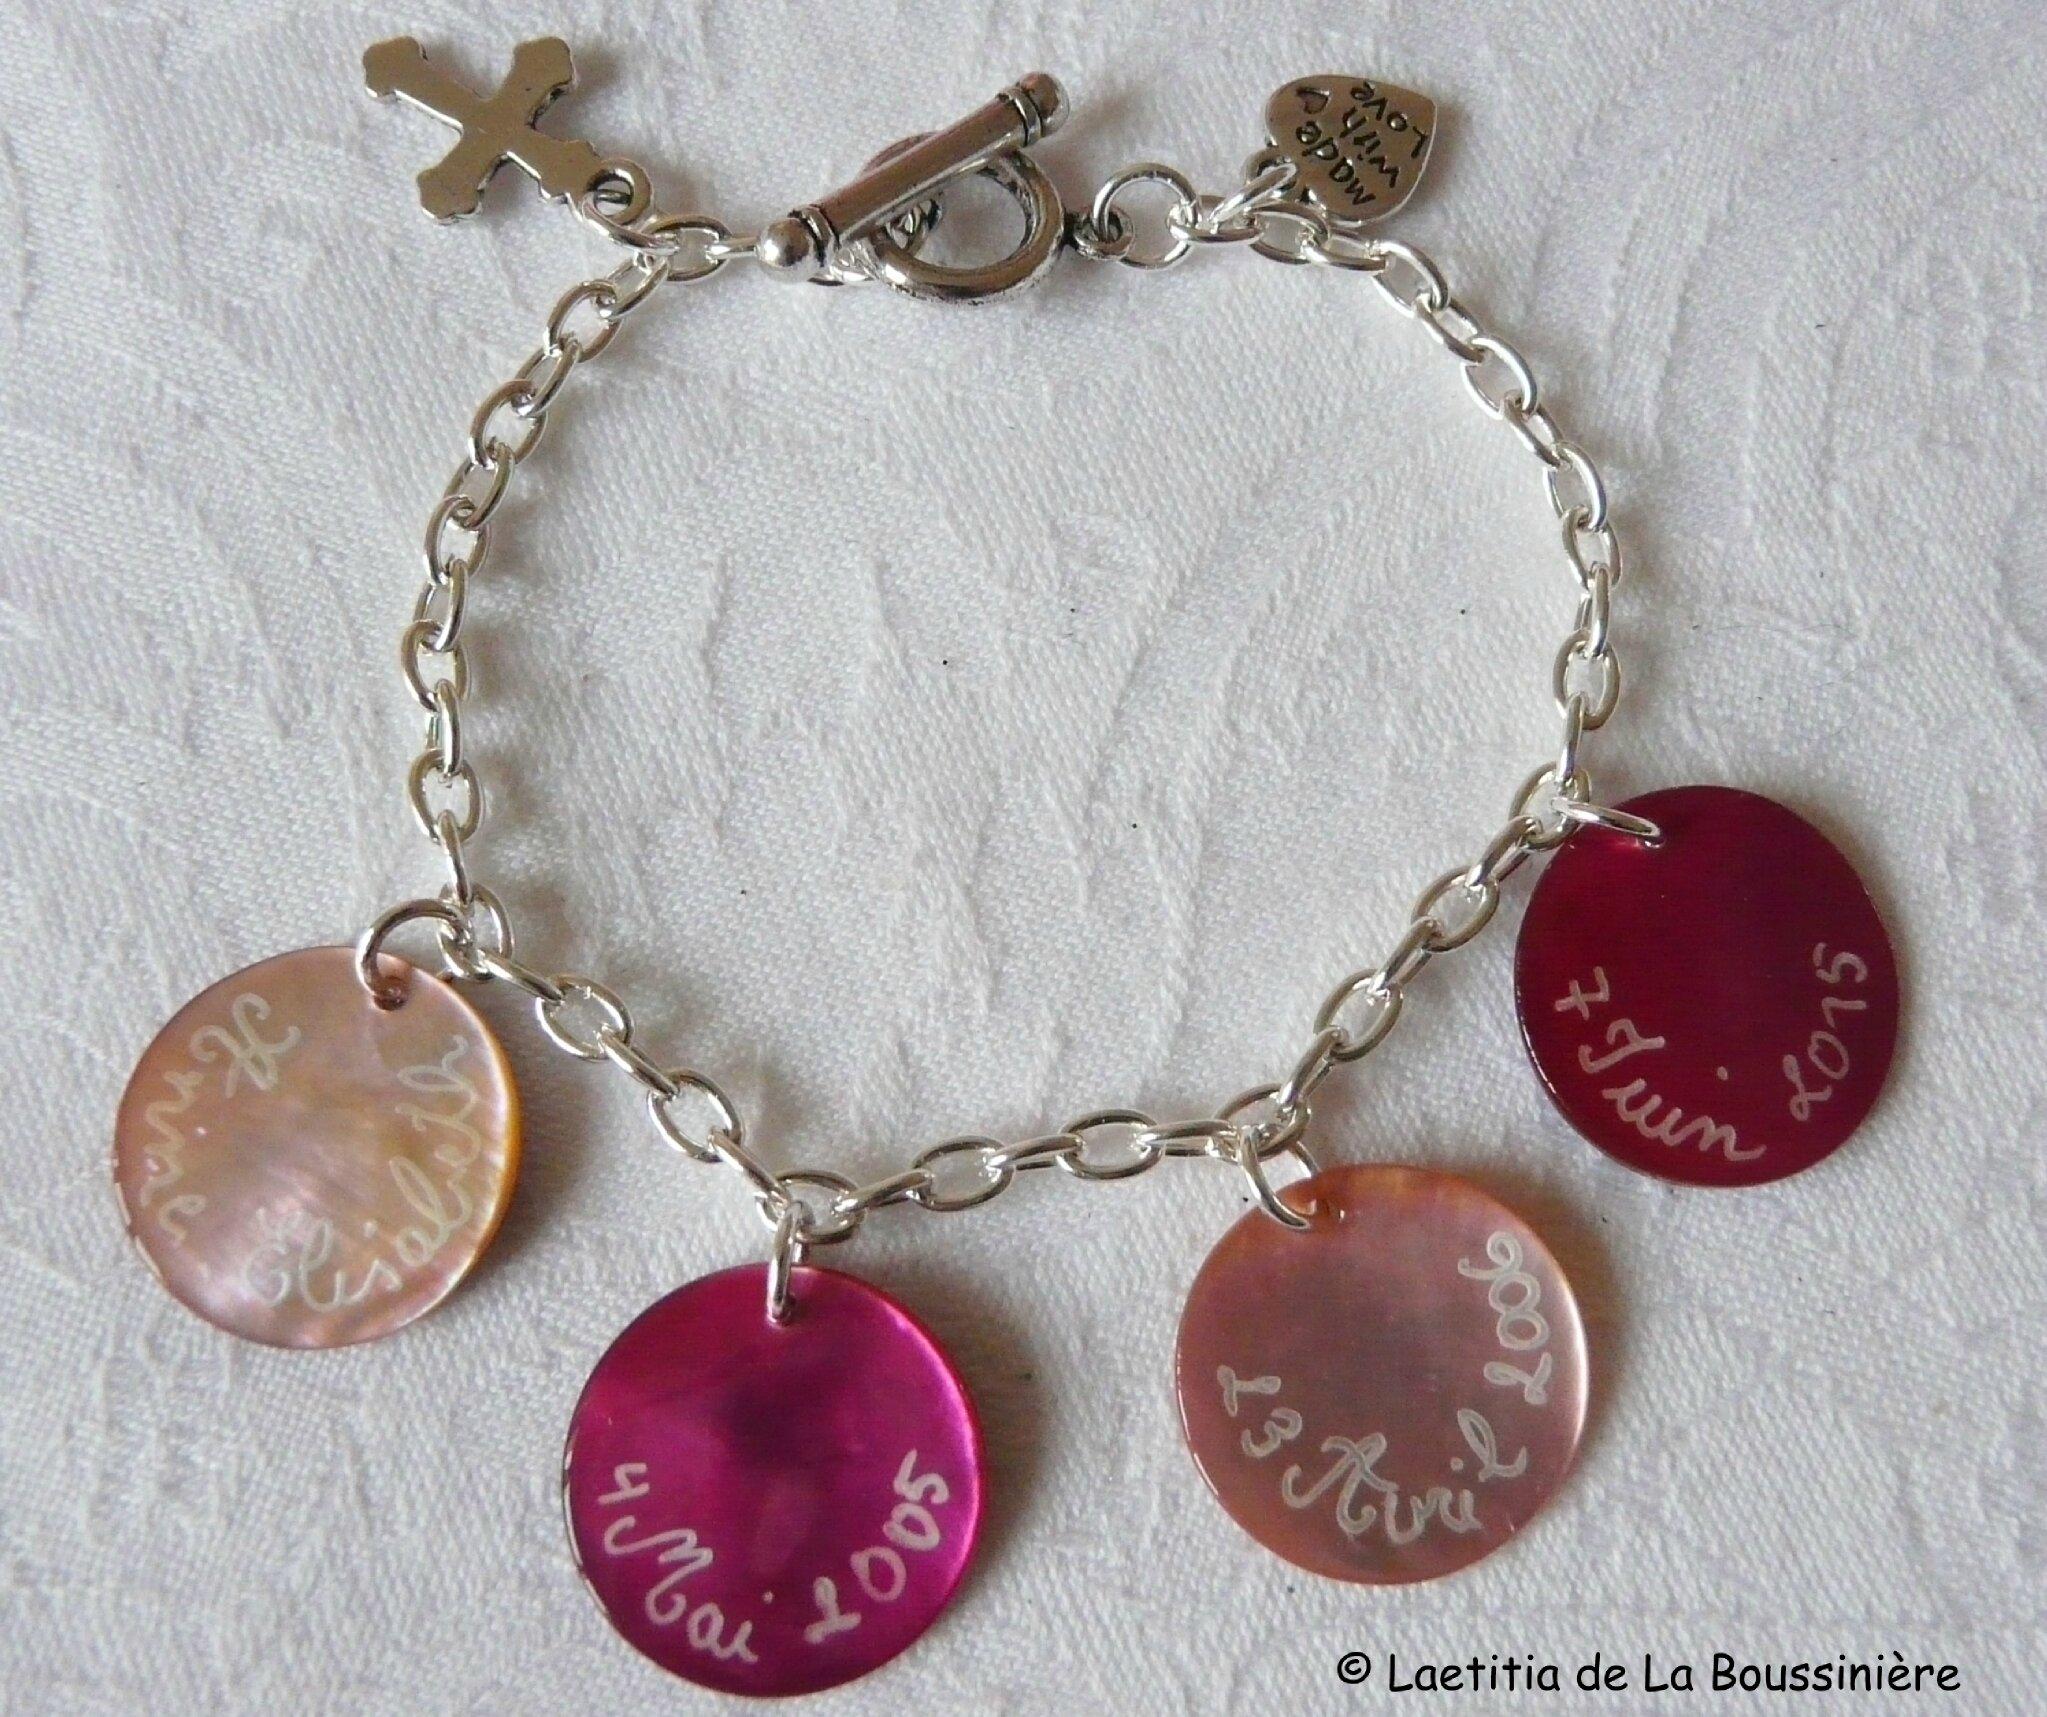 Bracelet de Communion sur chaîne métal - 33 €